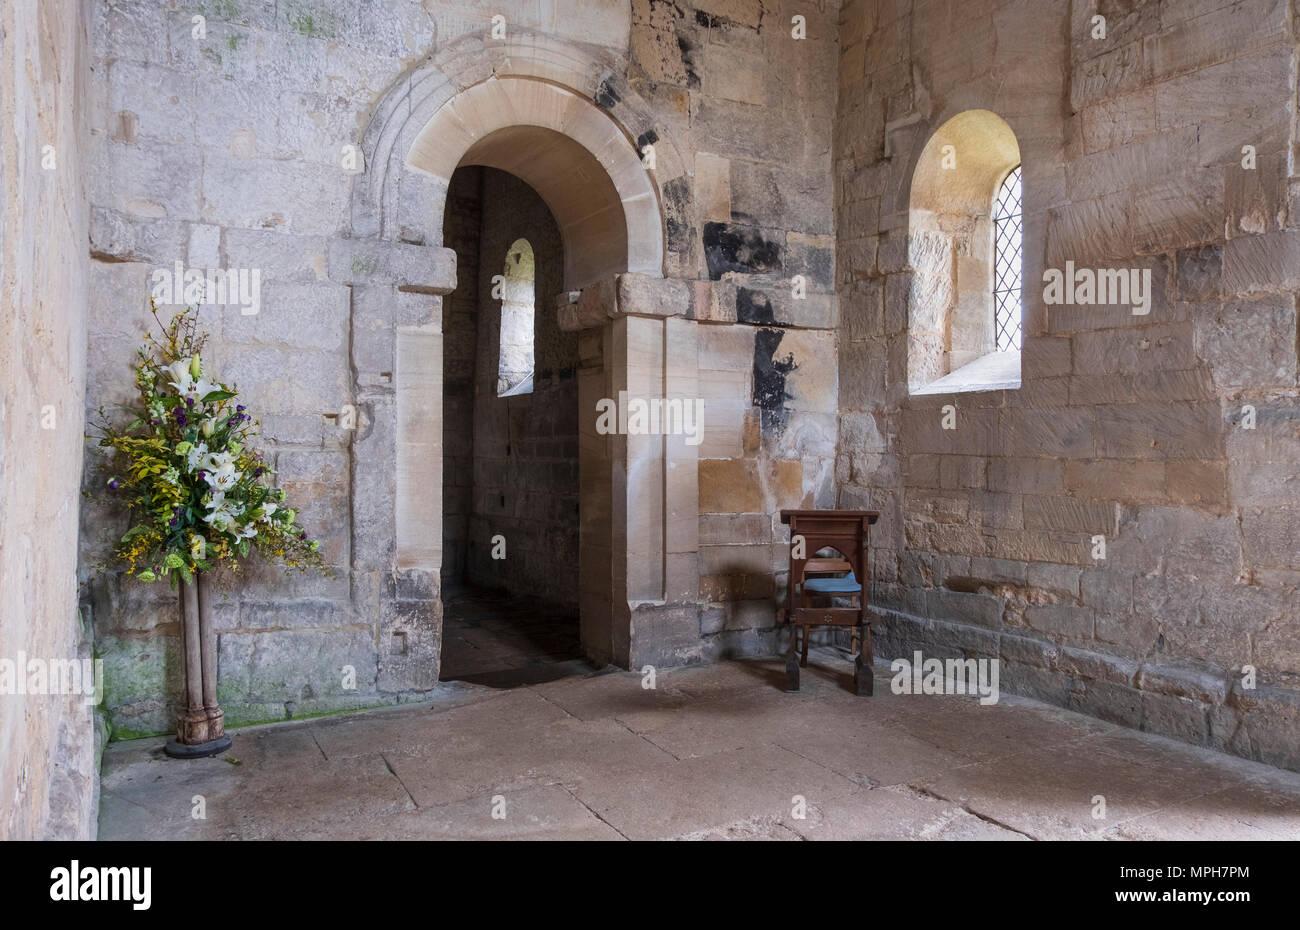 Bradford-on-Avon, Angelsächsische Dorfkirche St. Lawrence, Innenraum, Blick zur chornische Stockbild